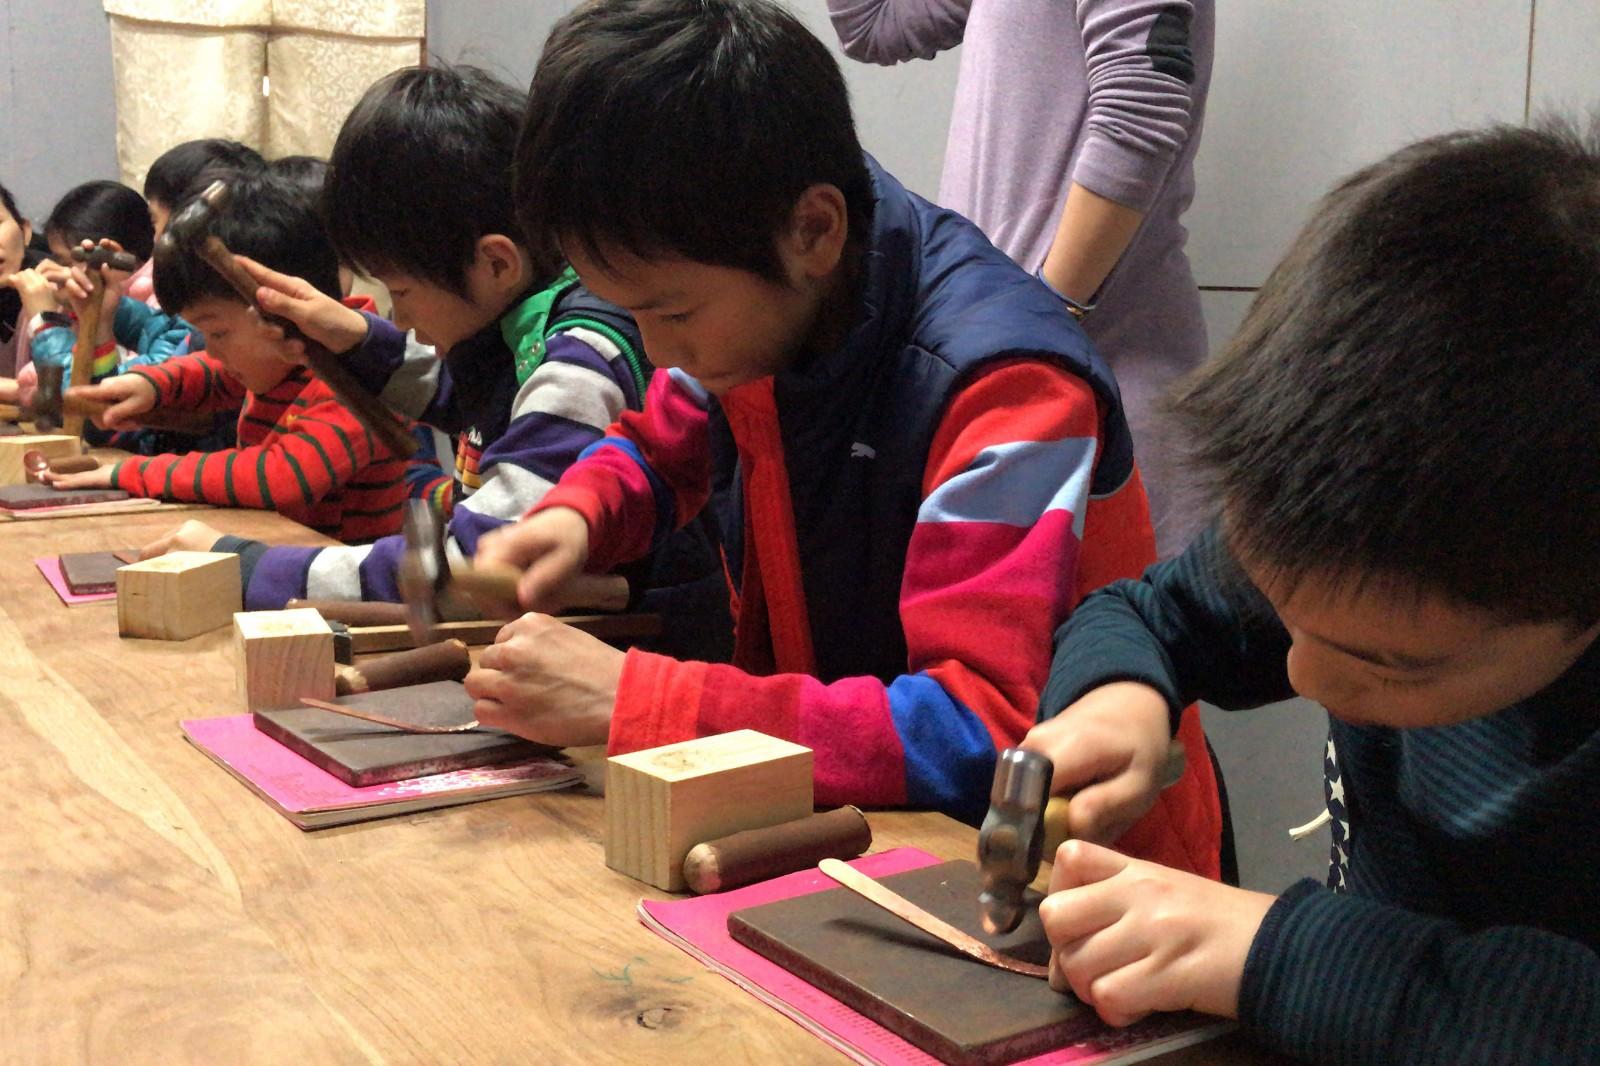 一日職人DIY體驗 - 三峽金工工藝手作   甘樂文創   甘之如飴,樂在其中